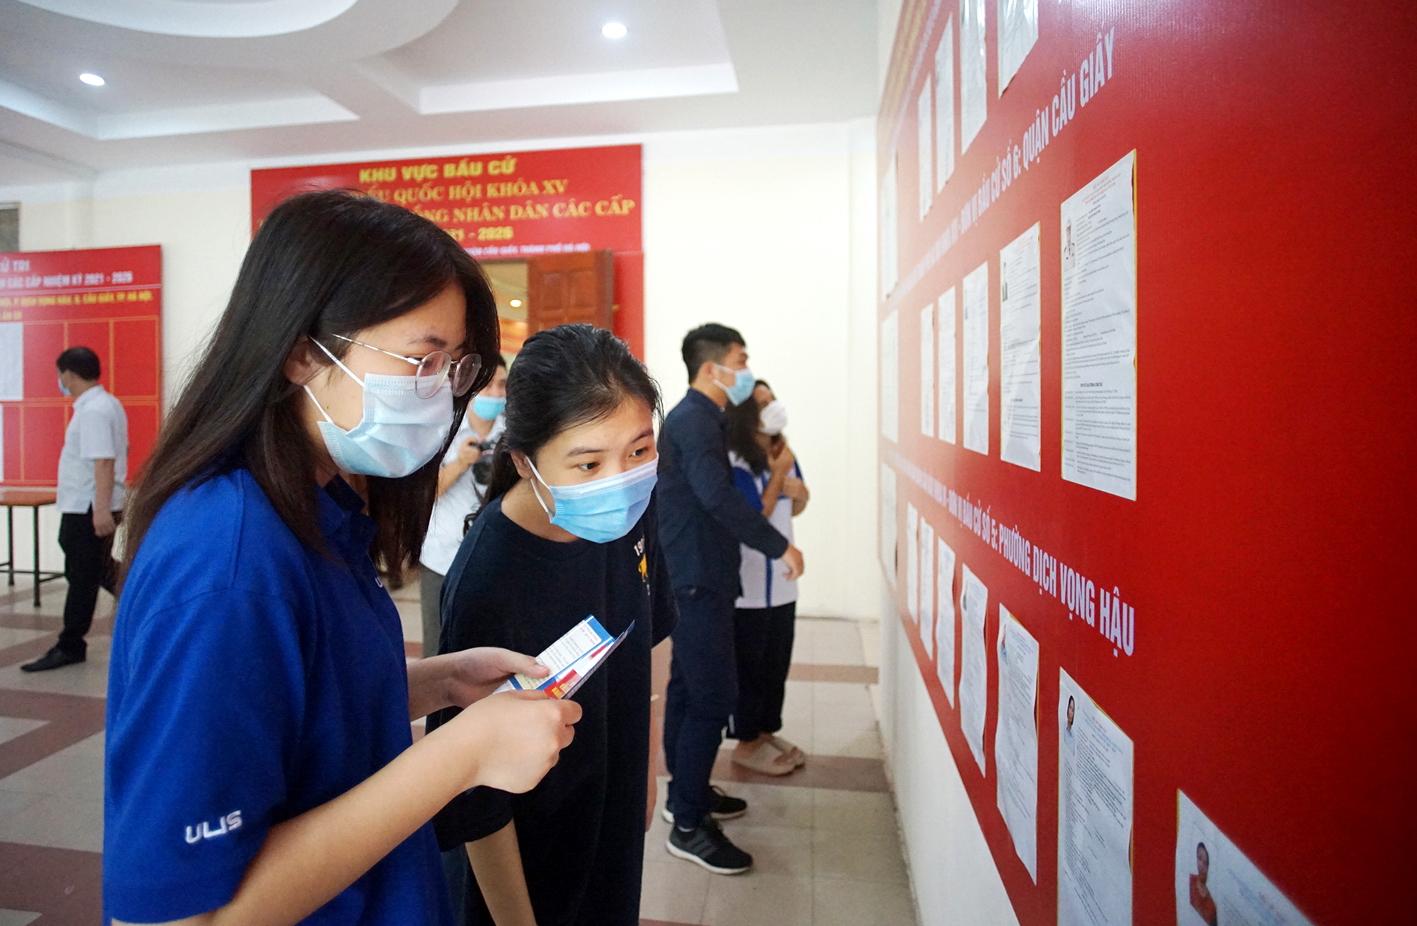 Sinh viên nội trú Đại học Quốc gia Hà Nội tìm hiểu danh sách  ứng cử viên